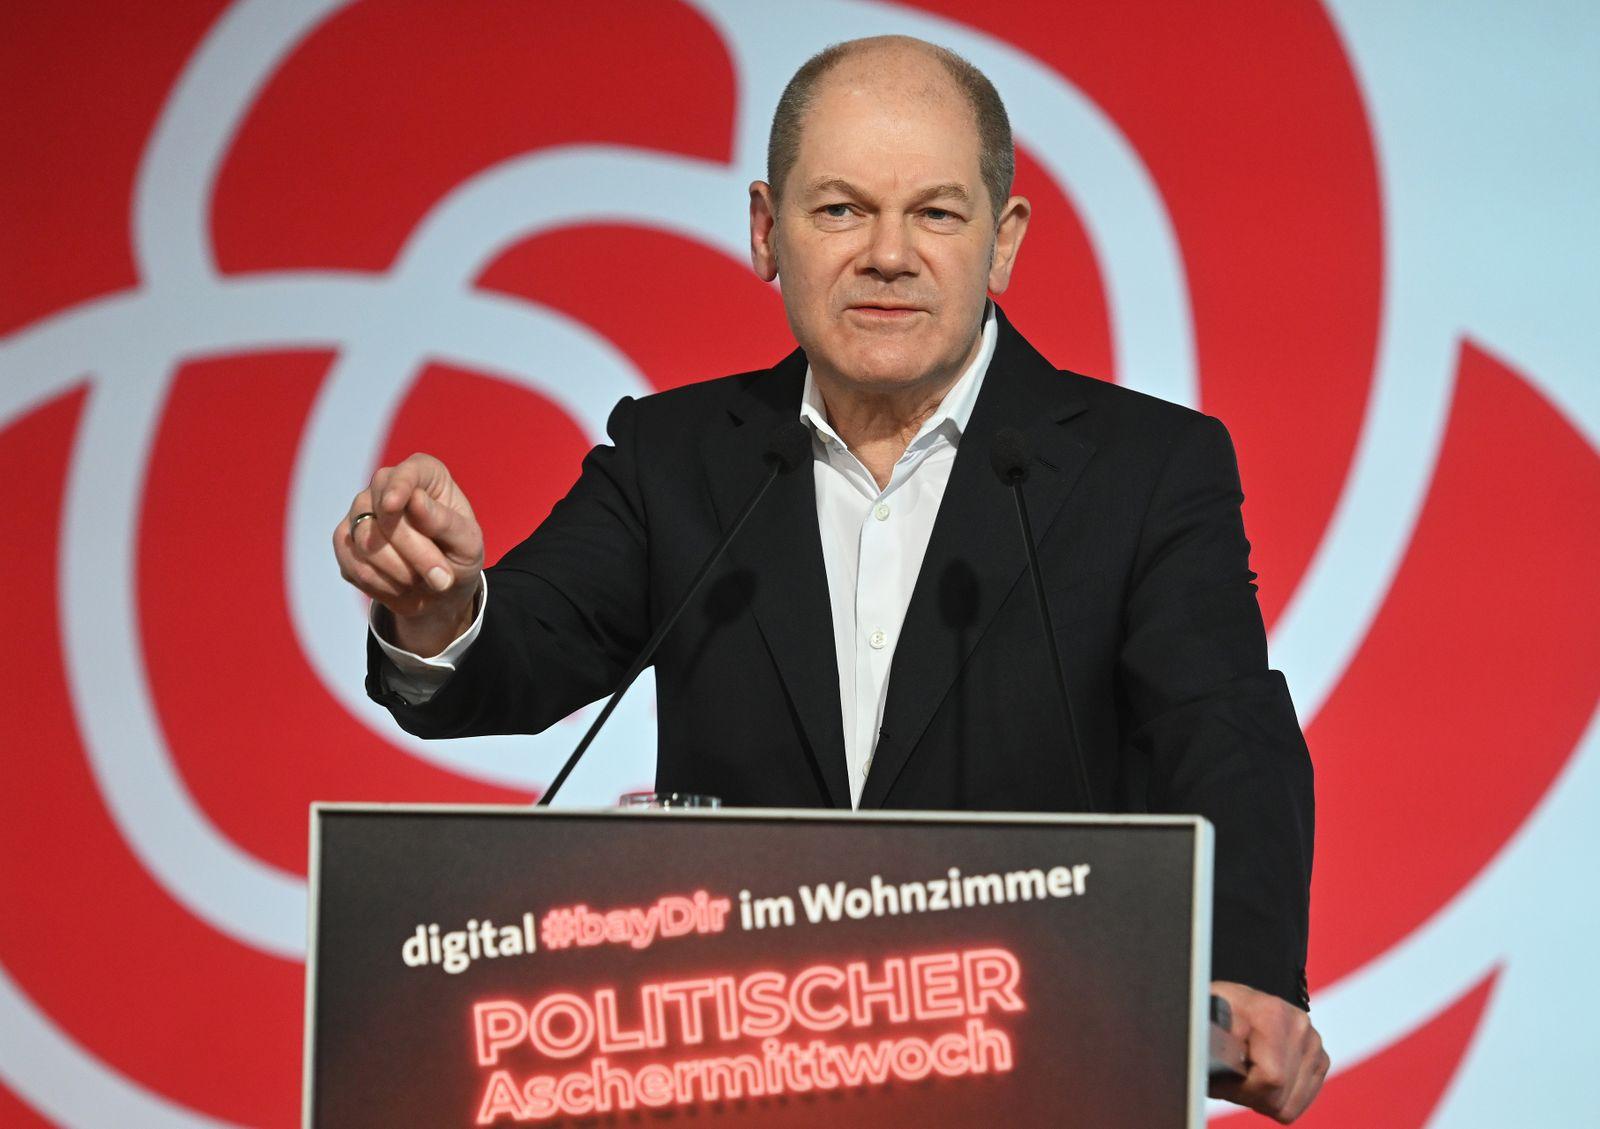 Politischer Aschermittwoch in Bayern - SPD